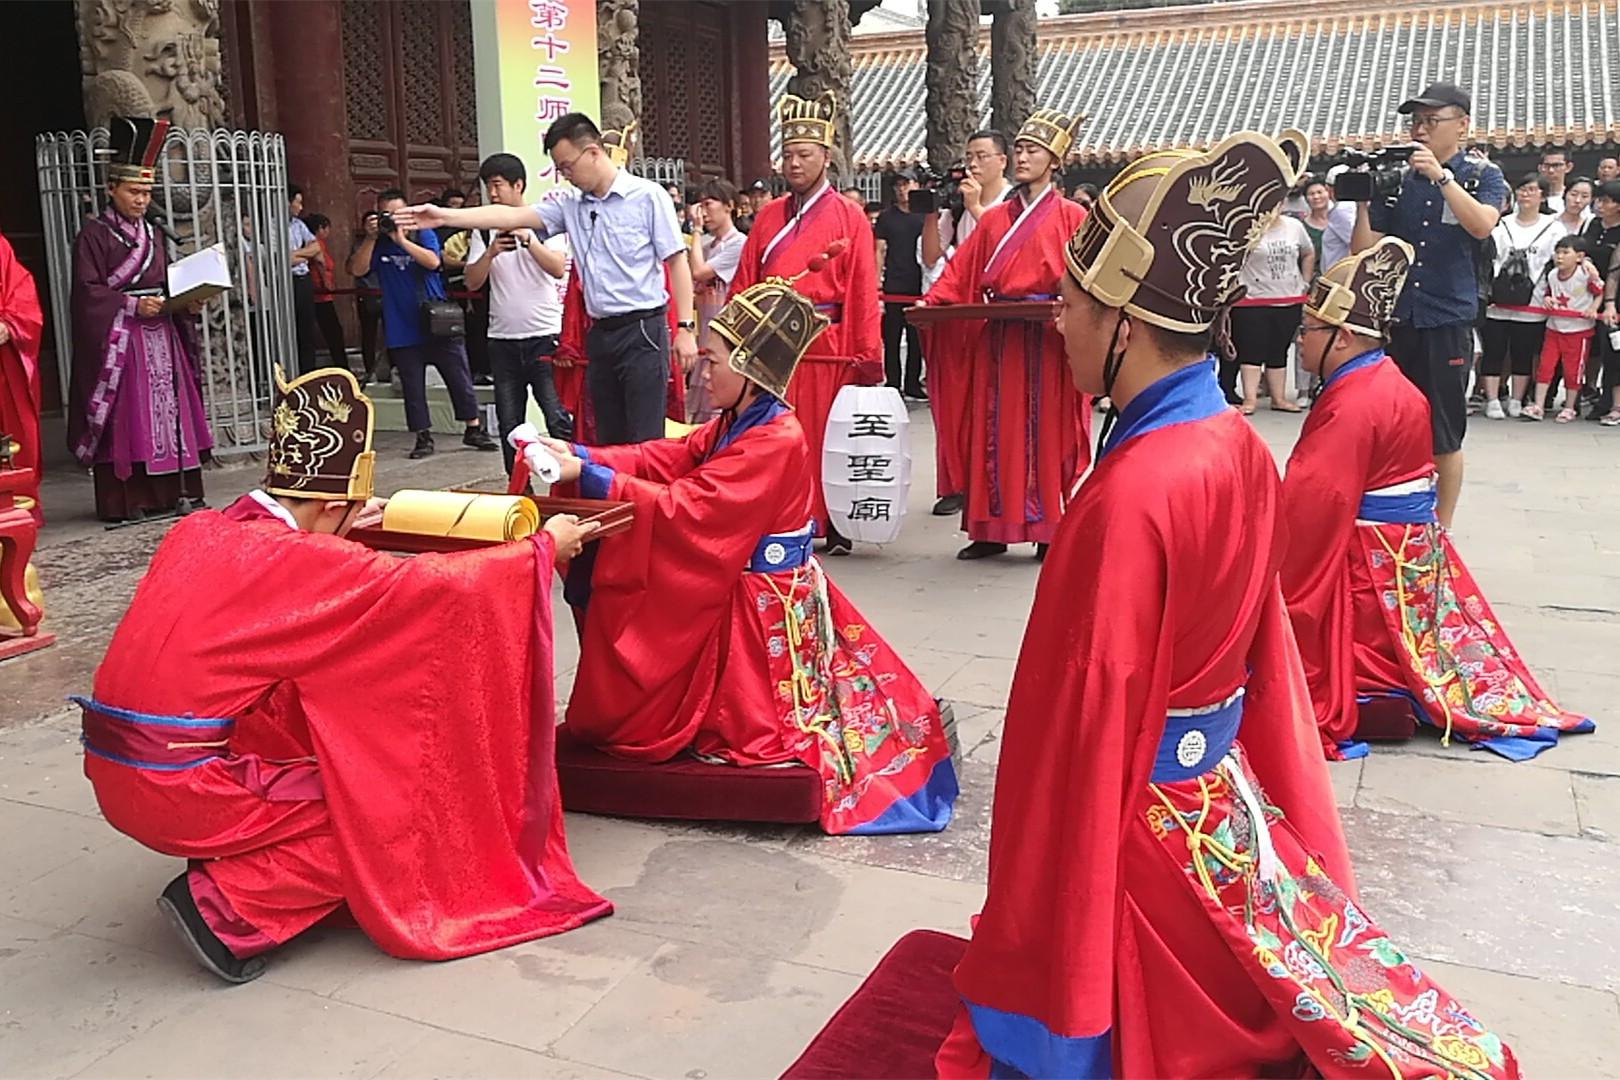 援疆相伴齐鲁行 新疆兵团十二师师生举行祭孔仪式